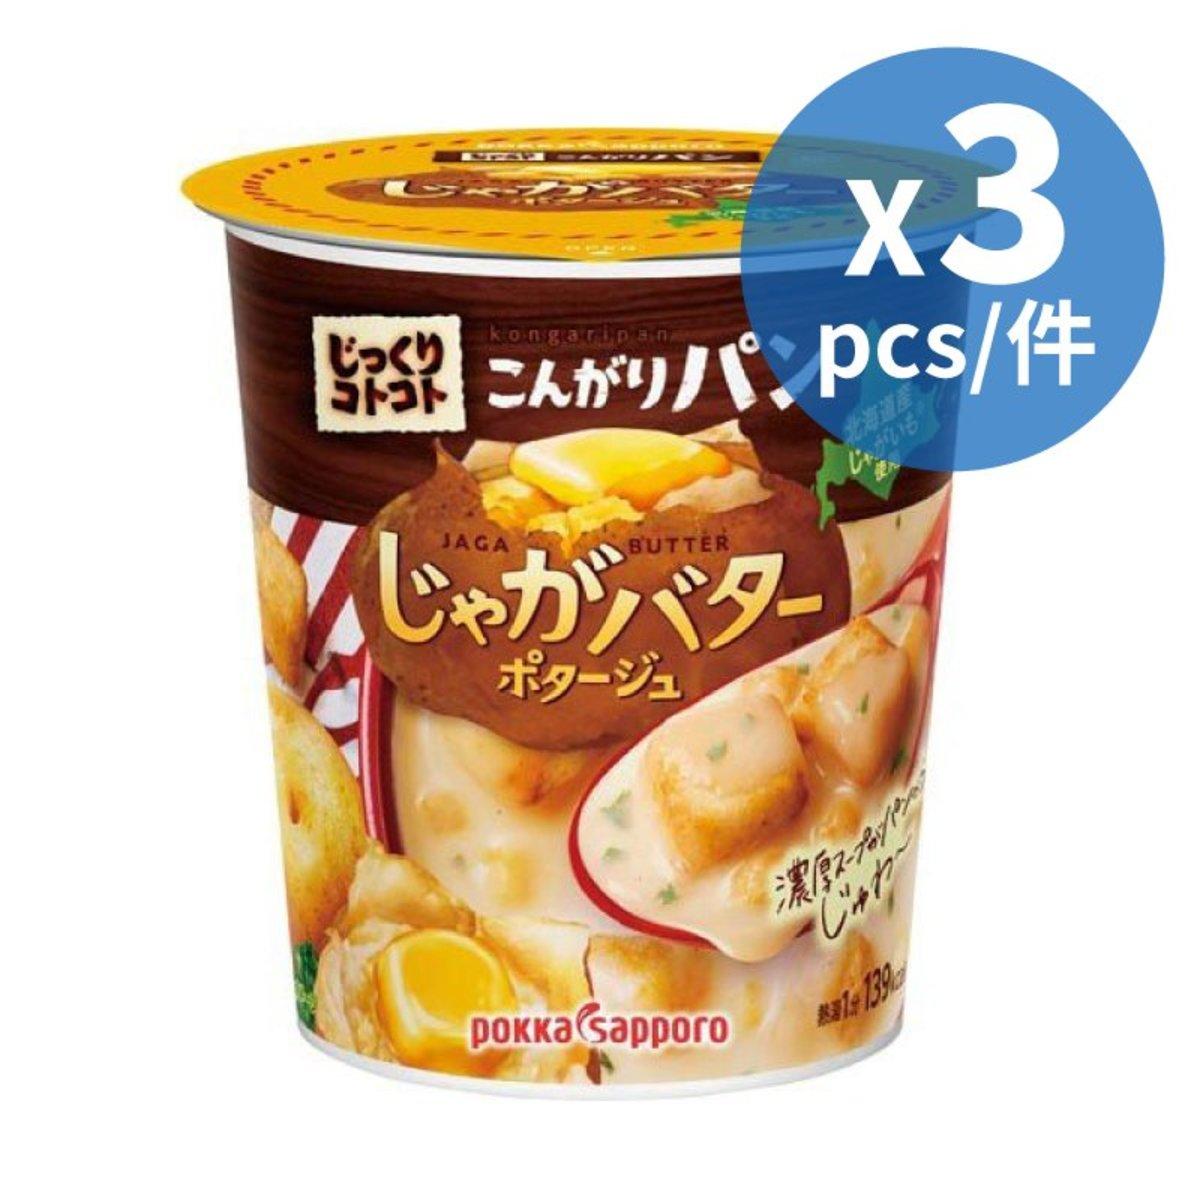 麵包粒薯仔牛油濃湯 31g X 3